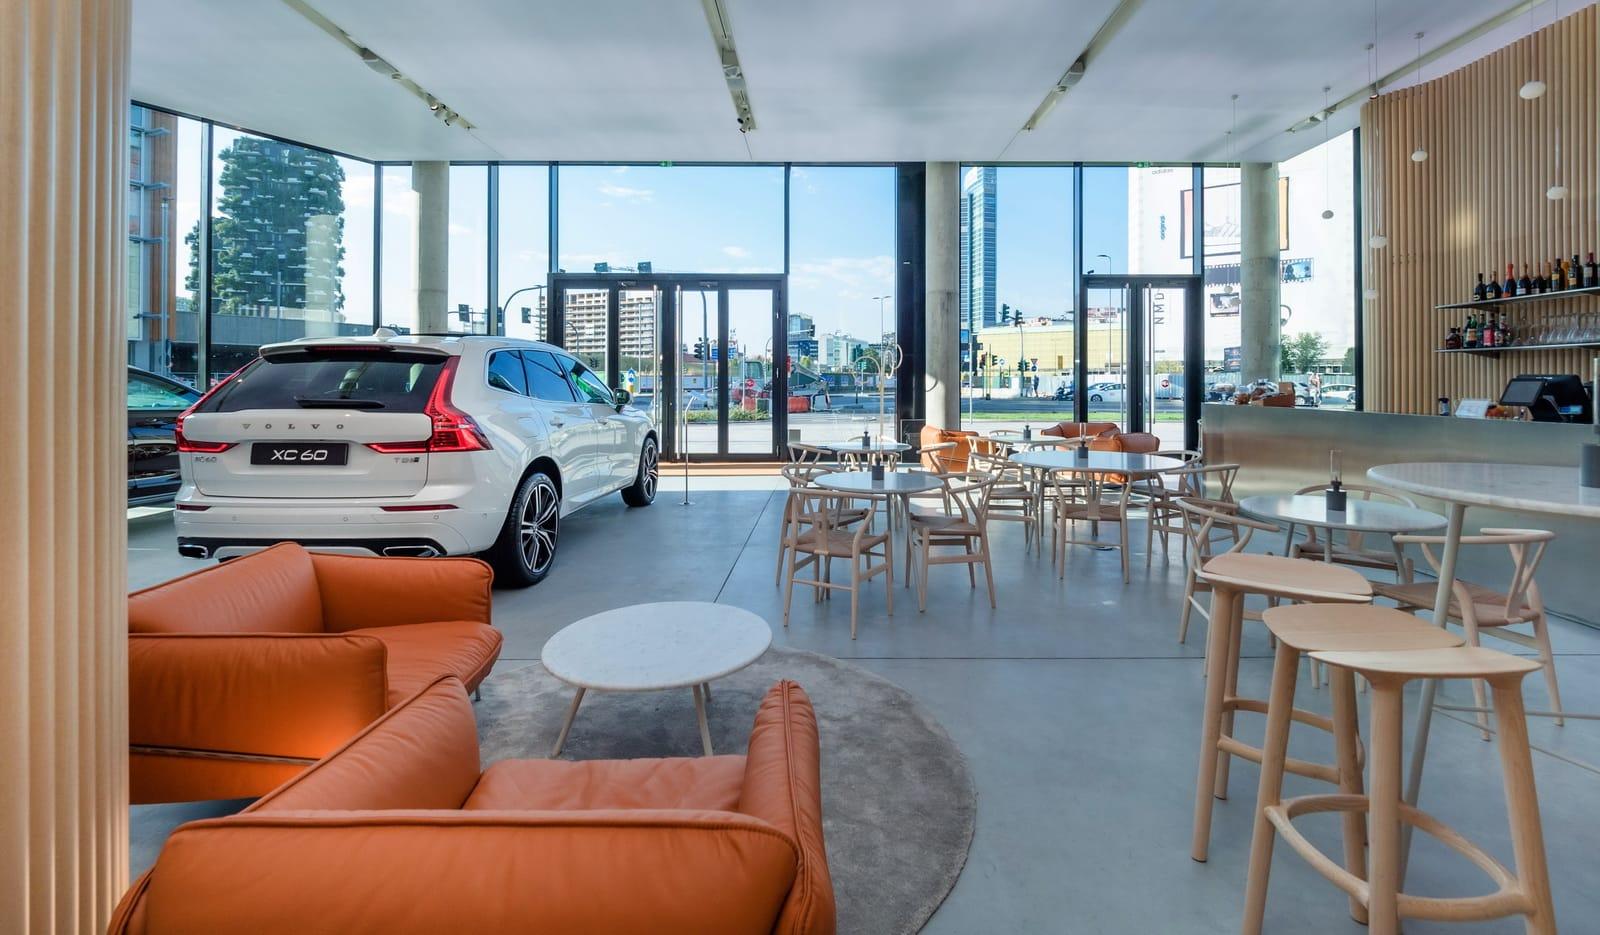 Vendere l'auto usata: concessionario vs privato